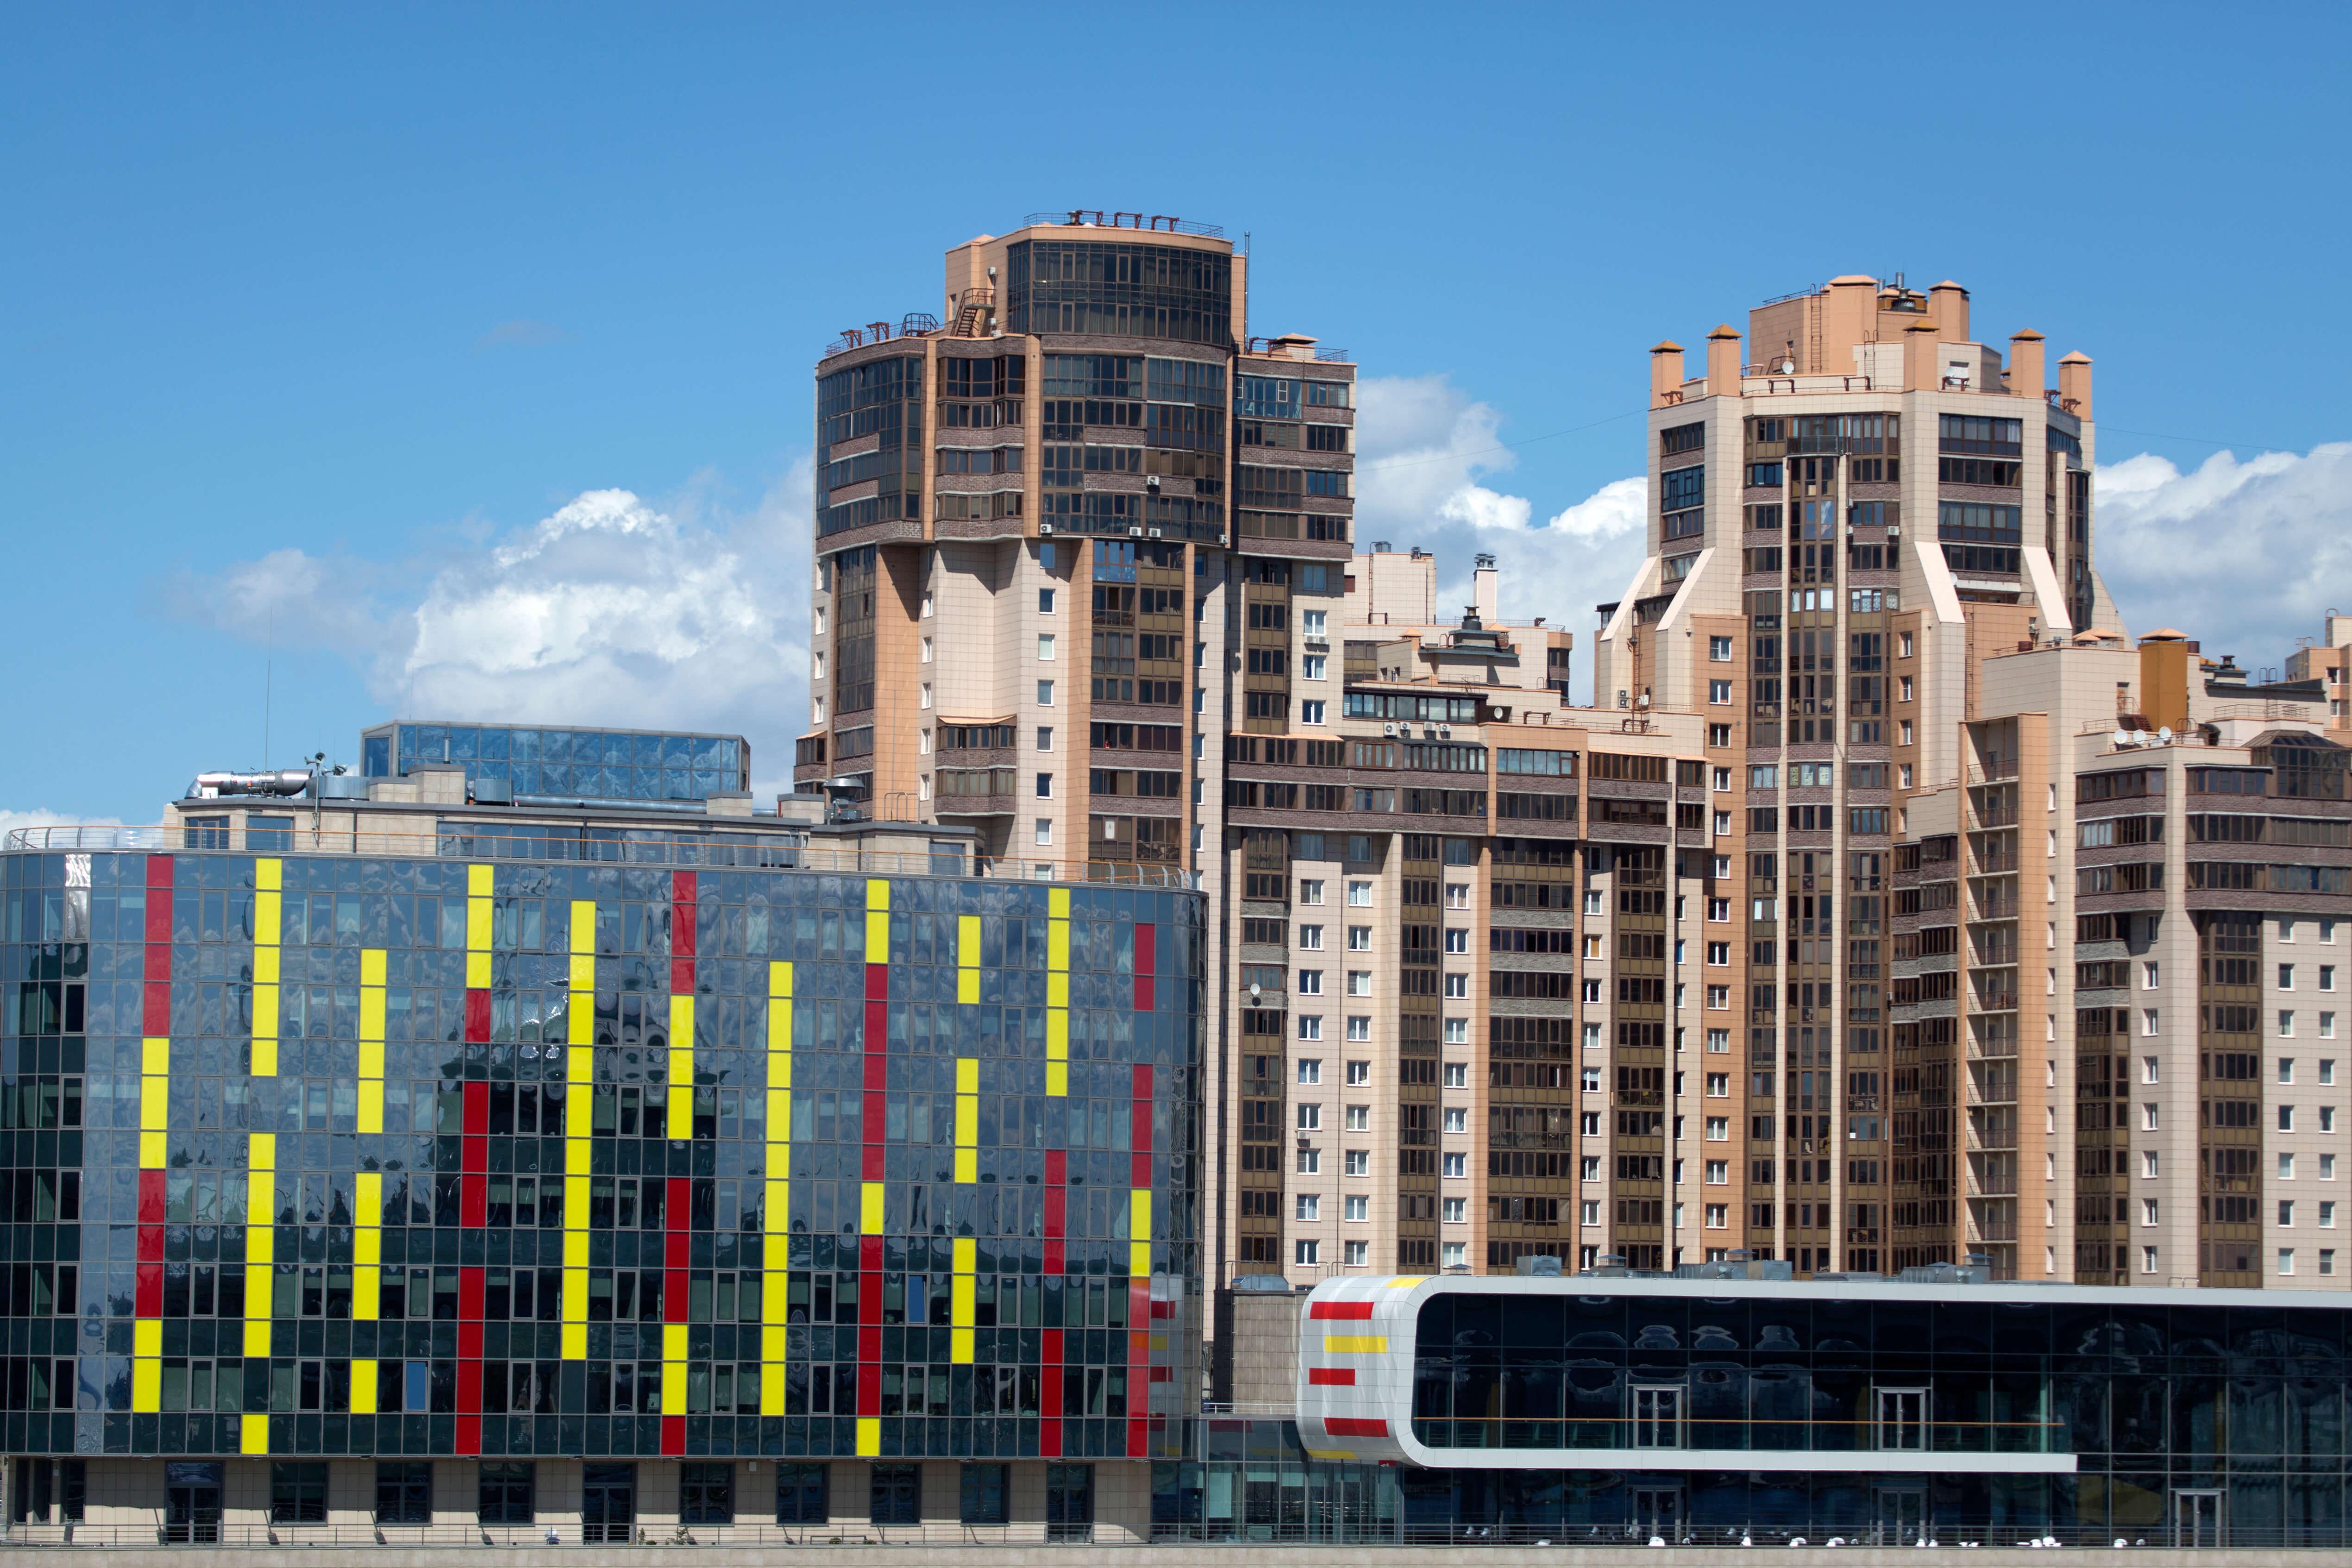 Риелторы назвали даты роста цен на жилье в РФ